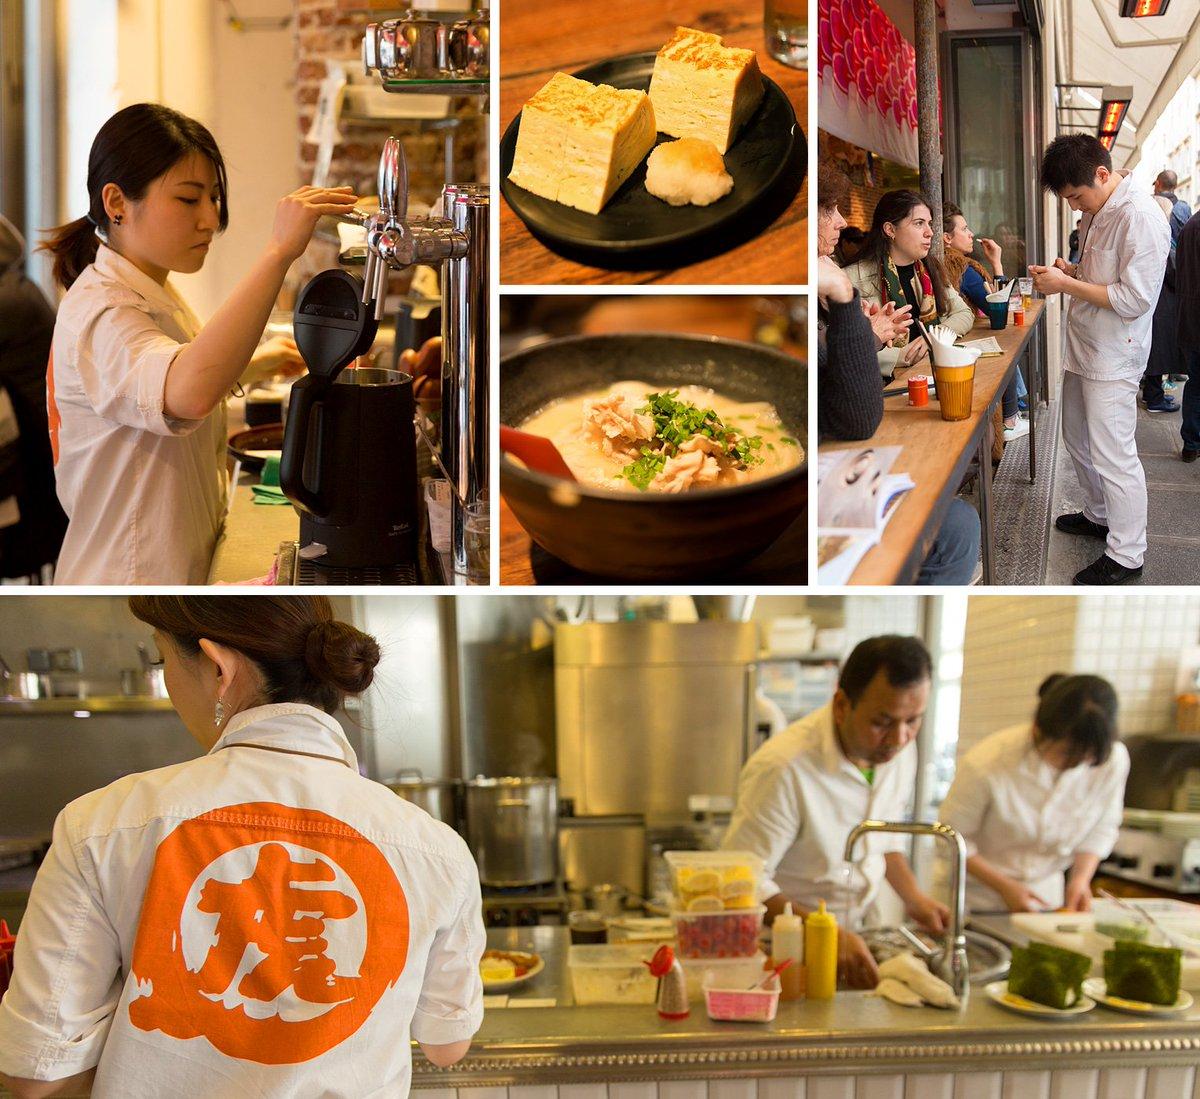 パリの街角では今、うどんと日本のユニフォームが注目の的です。生粋のパリっ子にも大人気のうどん店「うどんビストロ国虎屋」 https://www.seven-press.com/voice/428/ #うどん #和食 #ユニフォーム #france #parispic.twitter.com/OZ4MLSx32c